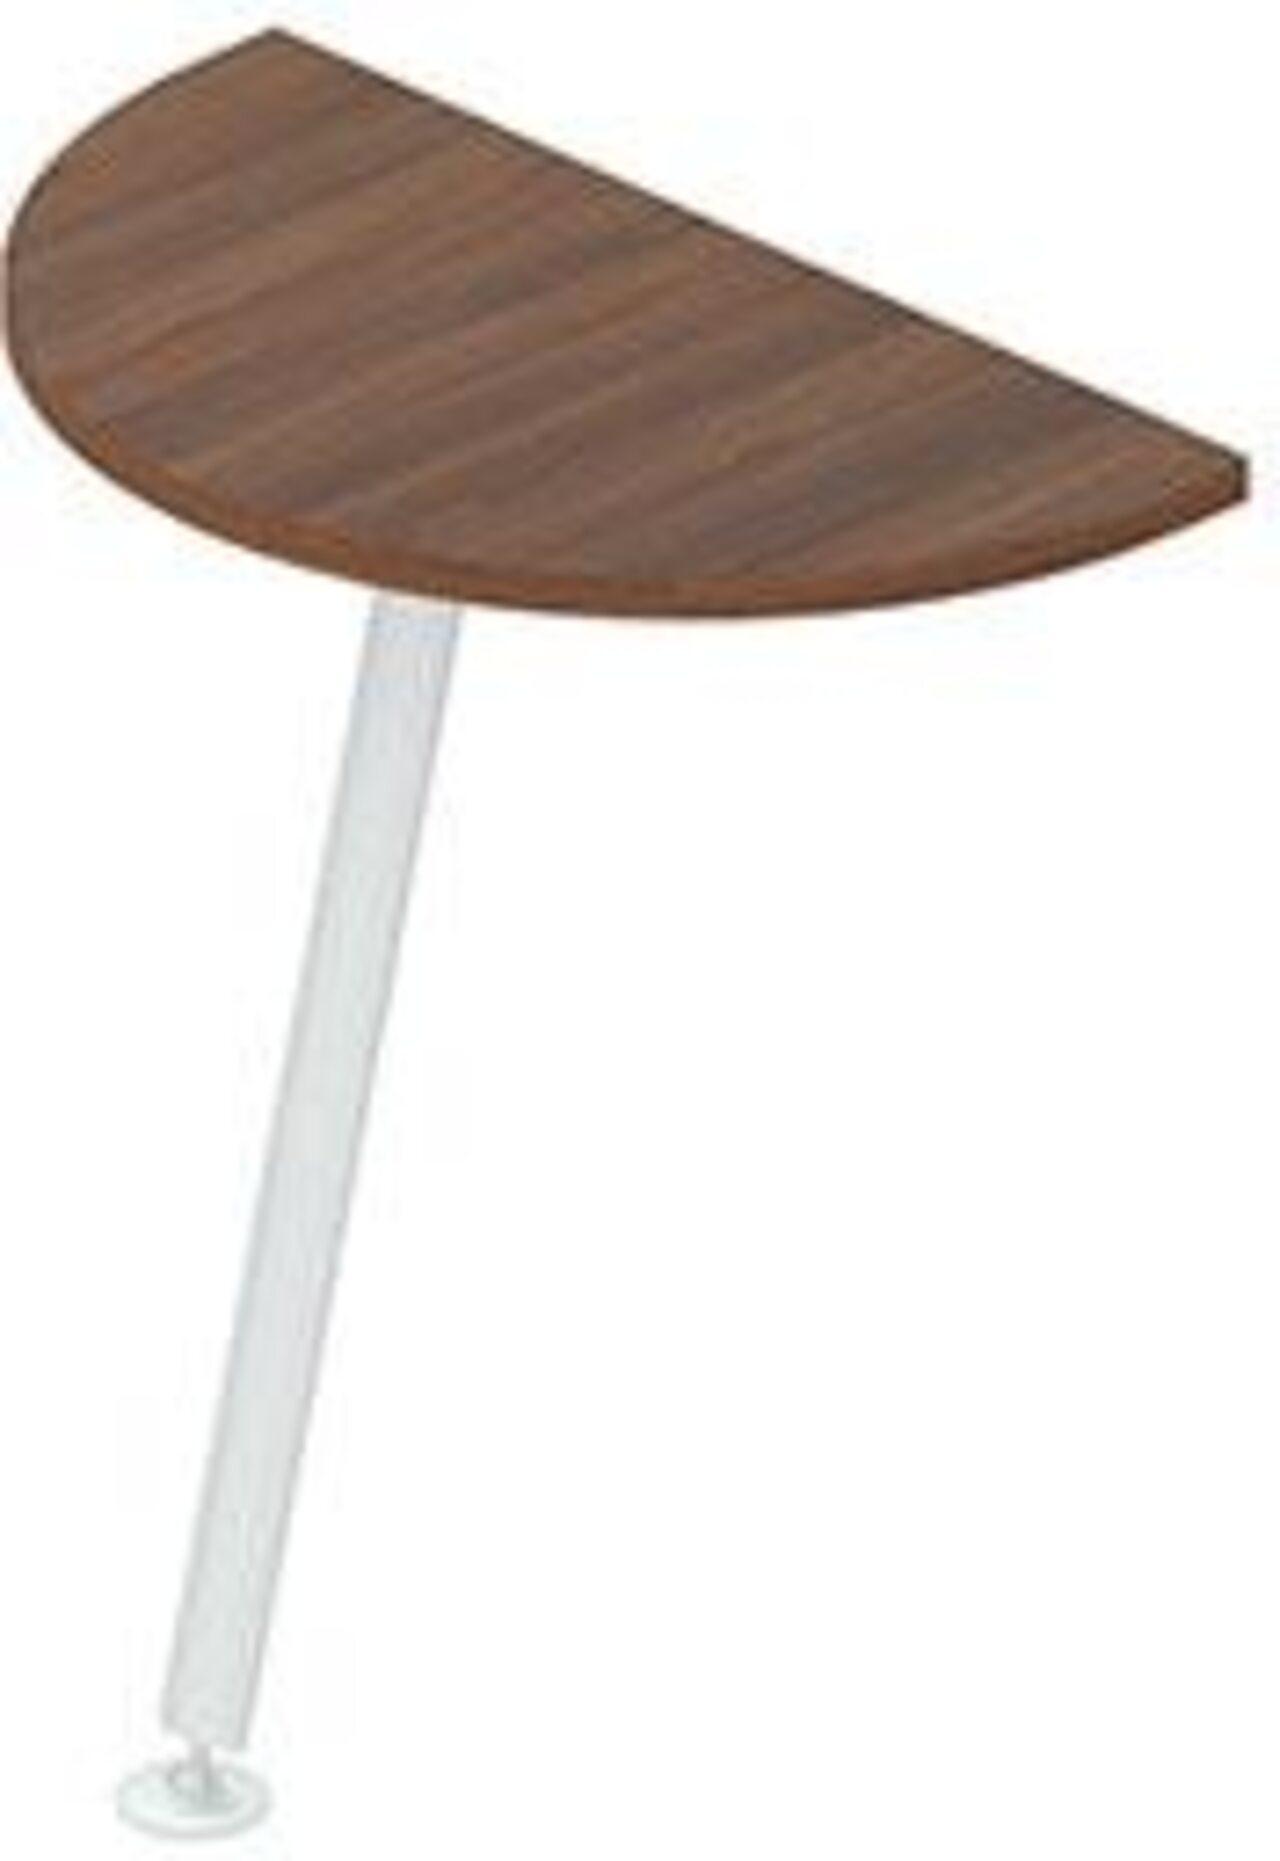 Приставка для прямых столов - фото 1